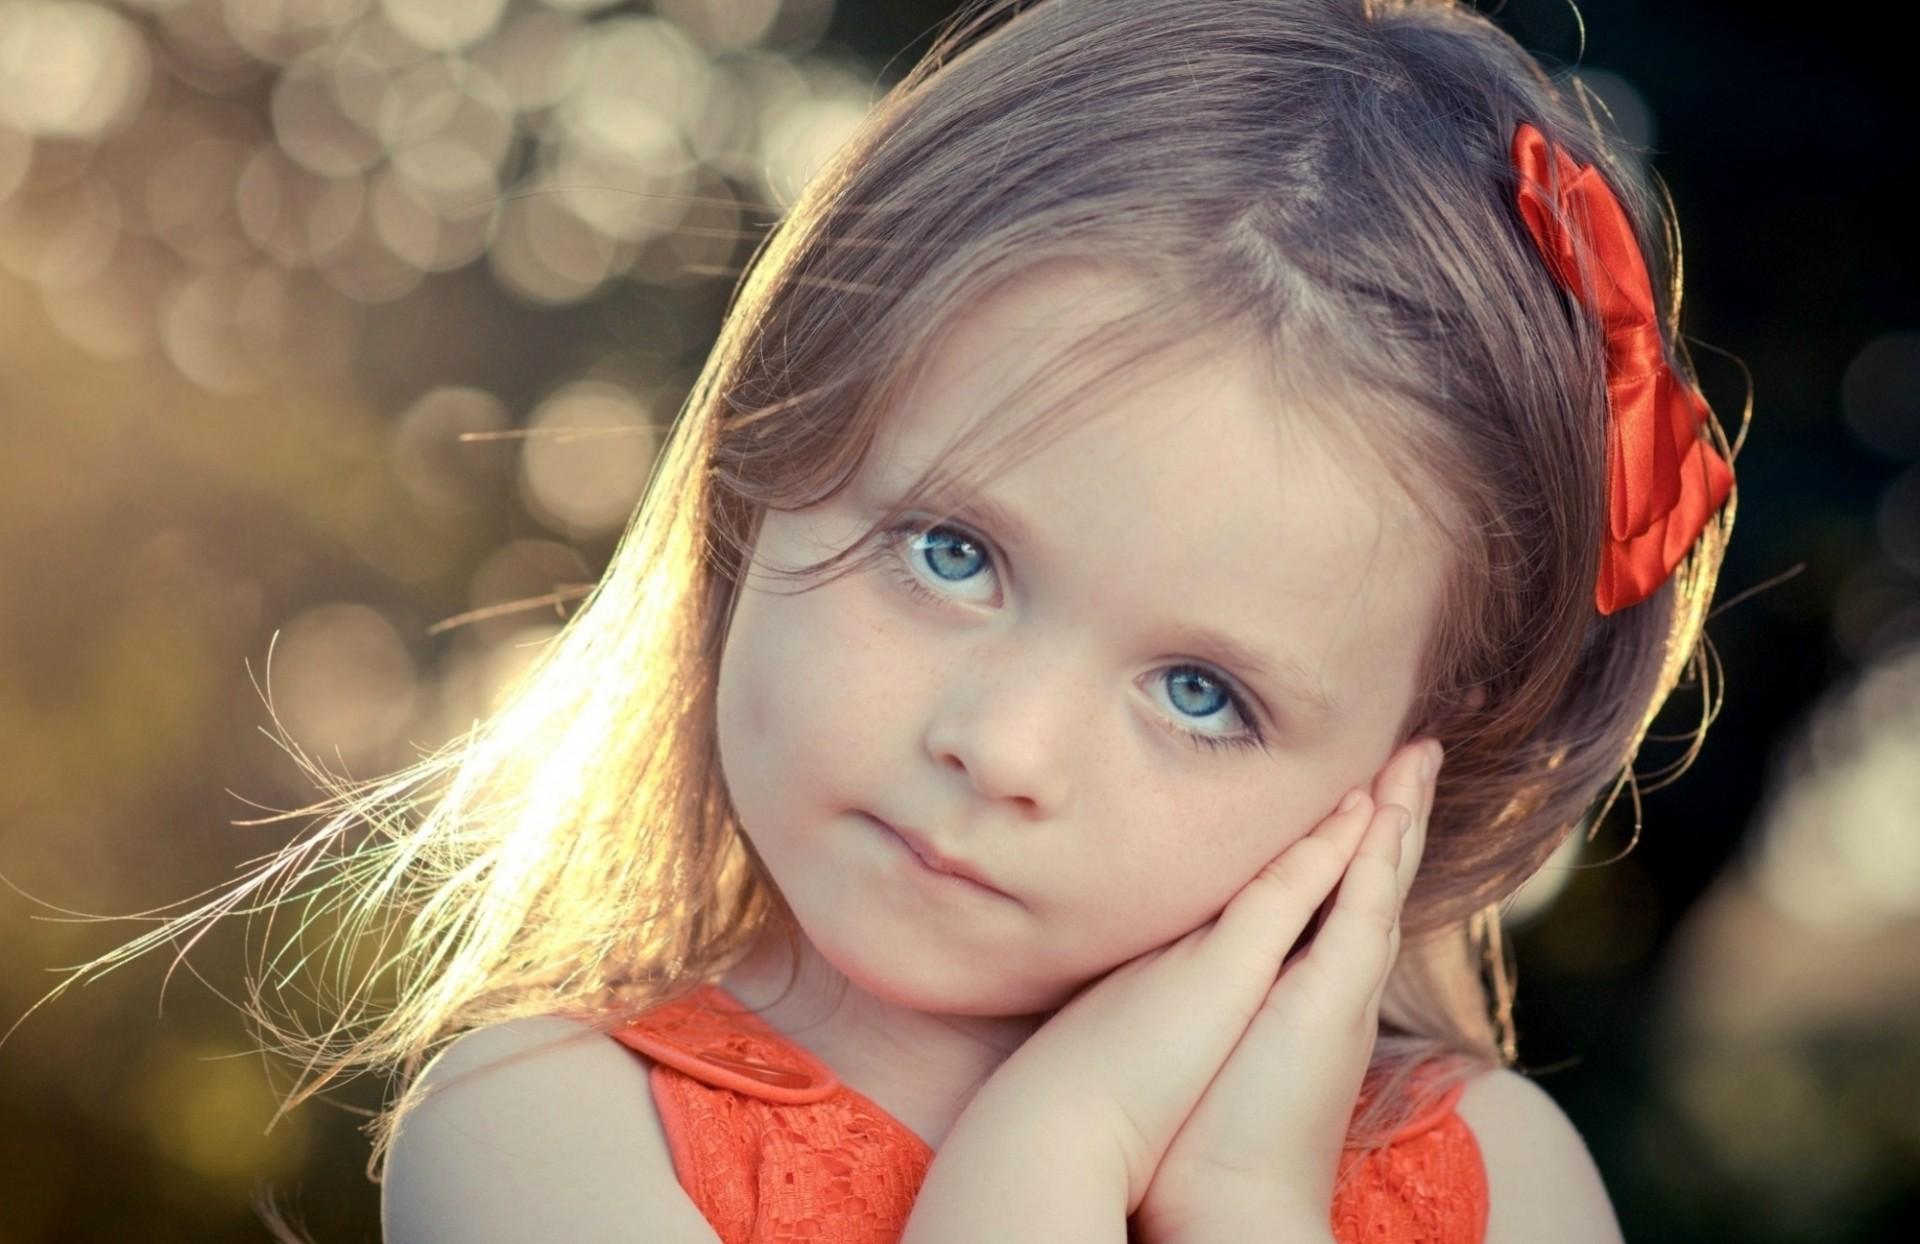 Сонник девочку, увиденную во сне, трактует по-разному.